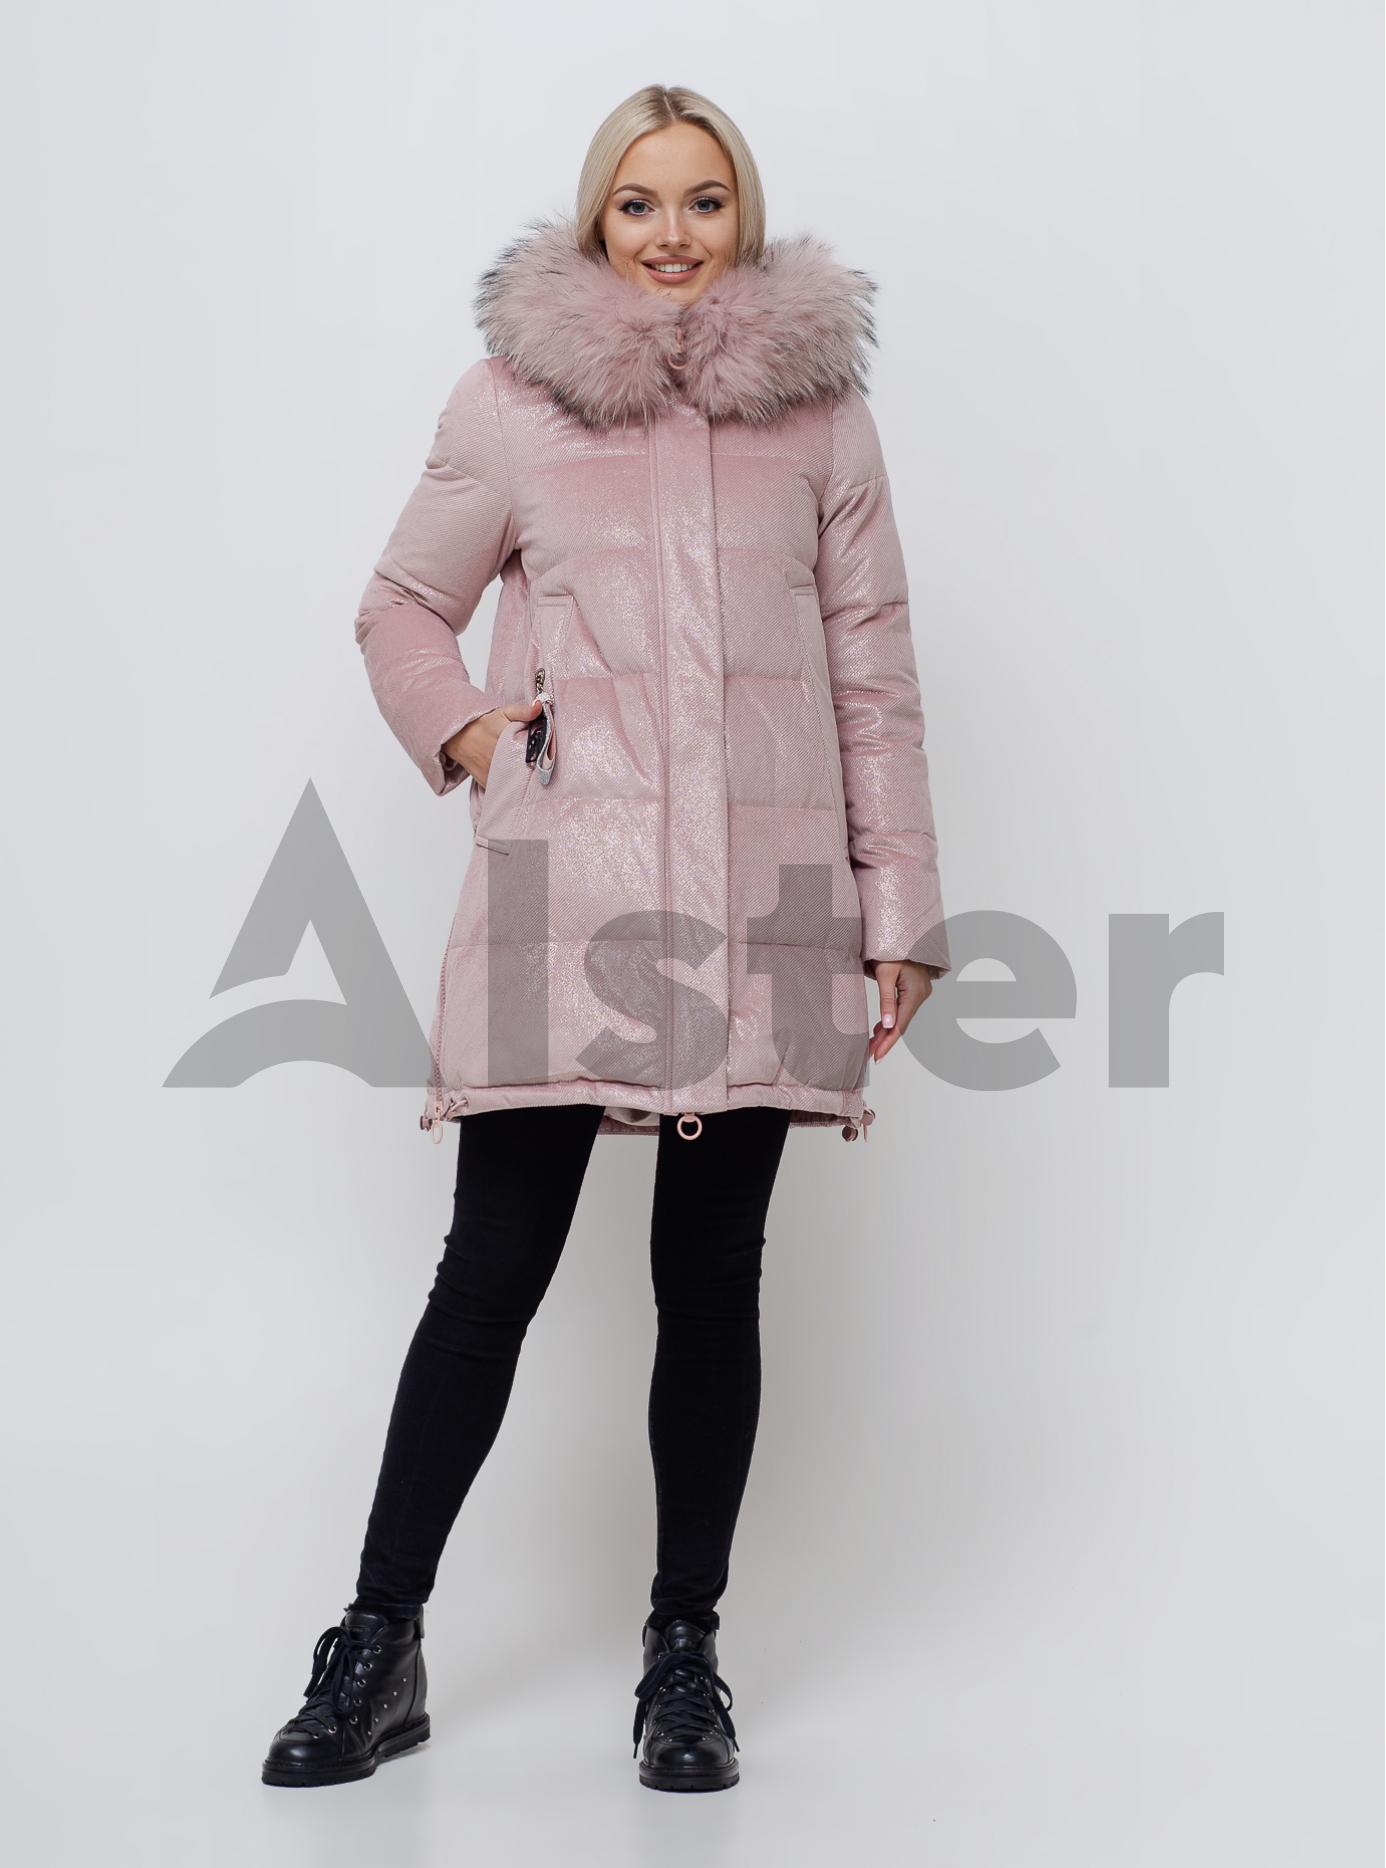 Жіноча зимова куртка з хутром Світло рожевий S (05-SV201089): фото - Alster.ua